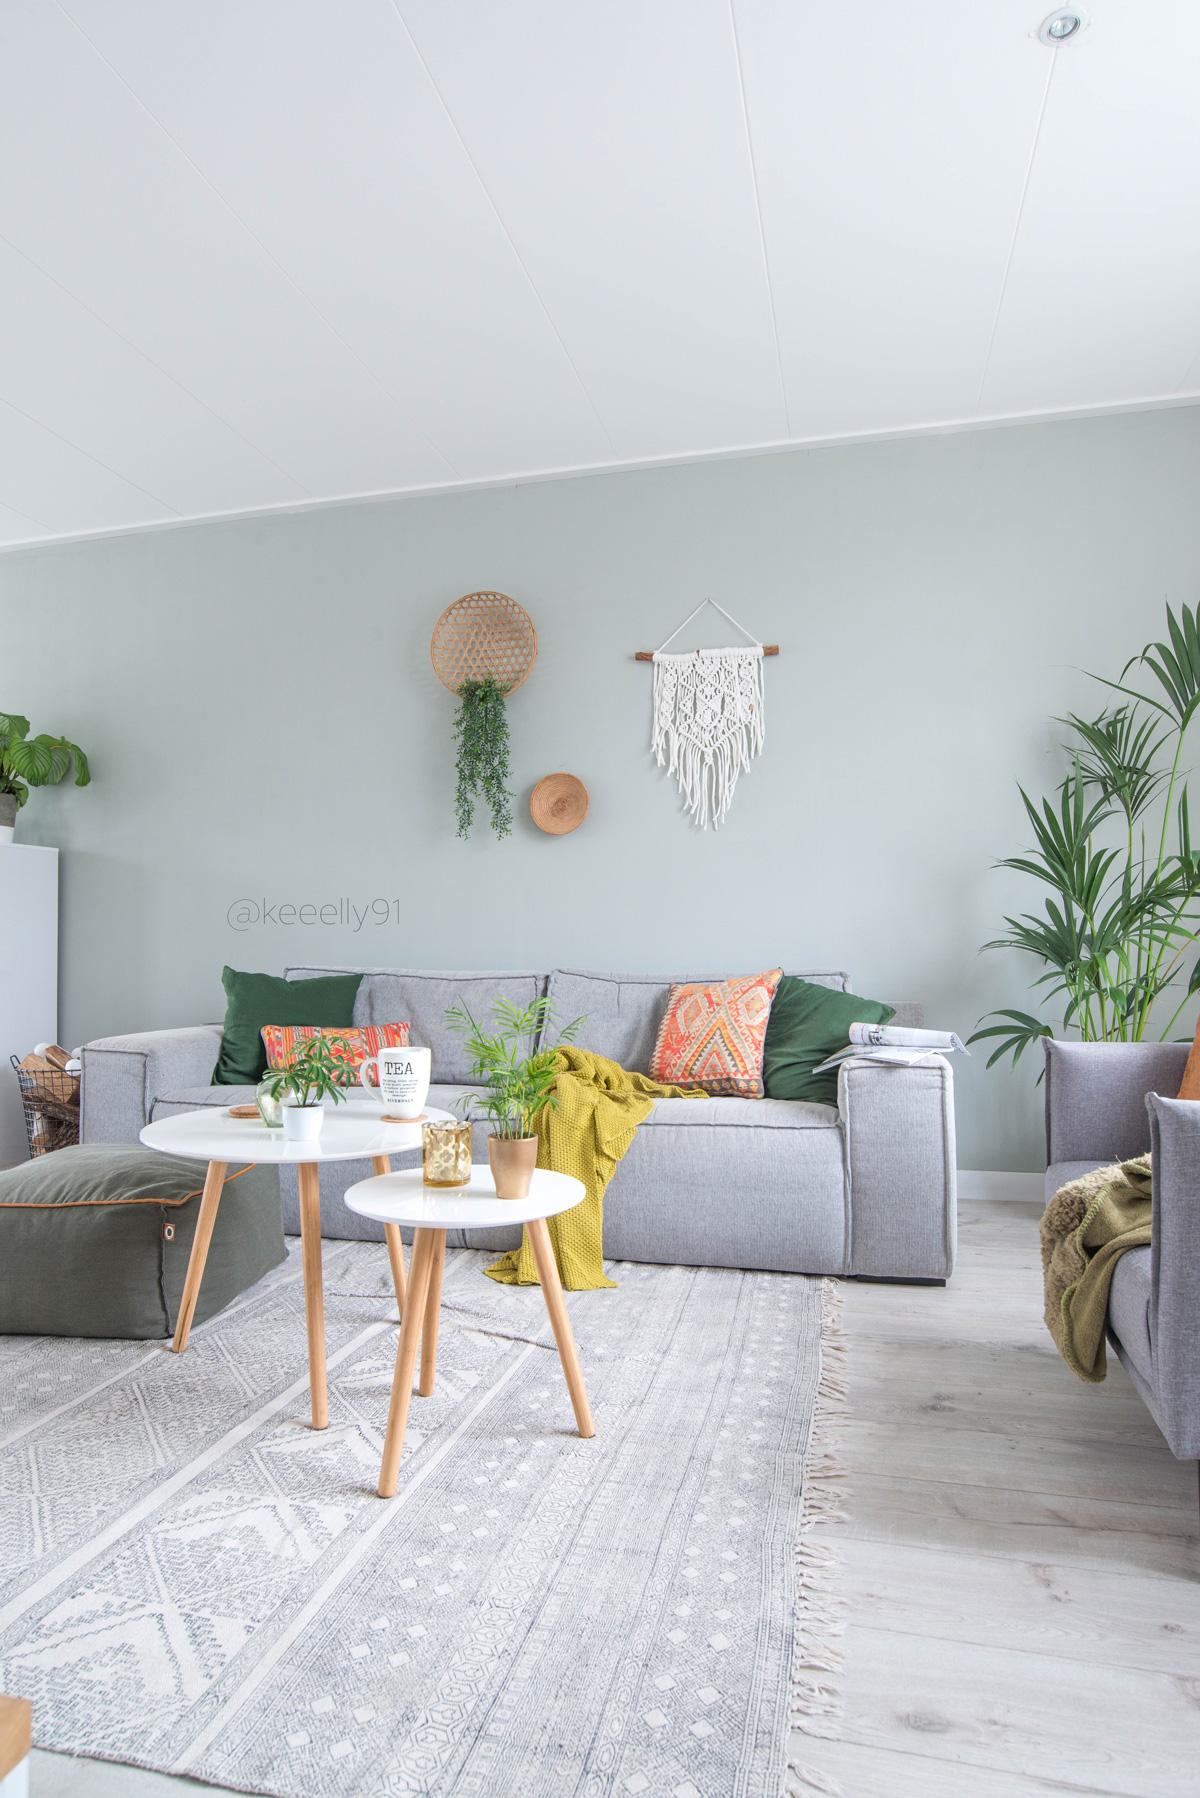 keeelly91 kussens oranje aztec woonexpres bank demeern grijs groene muurkleur planten